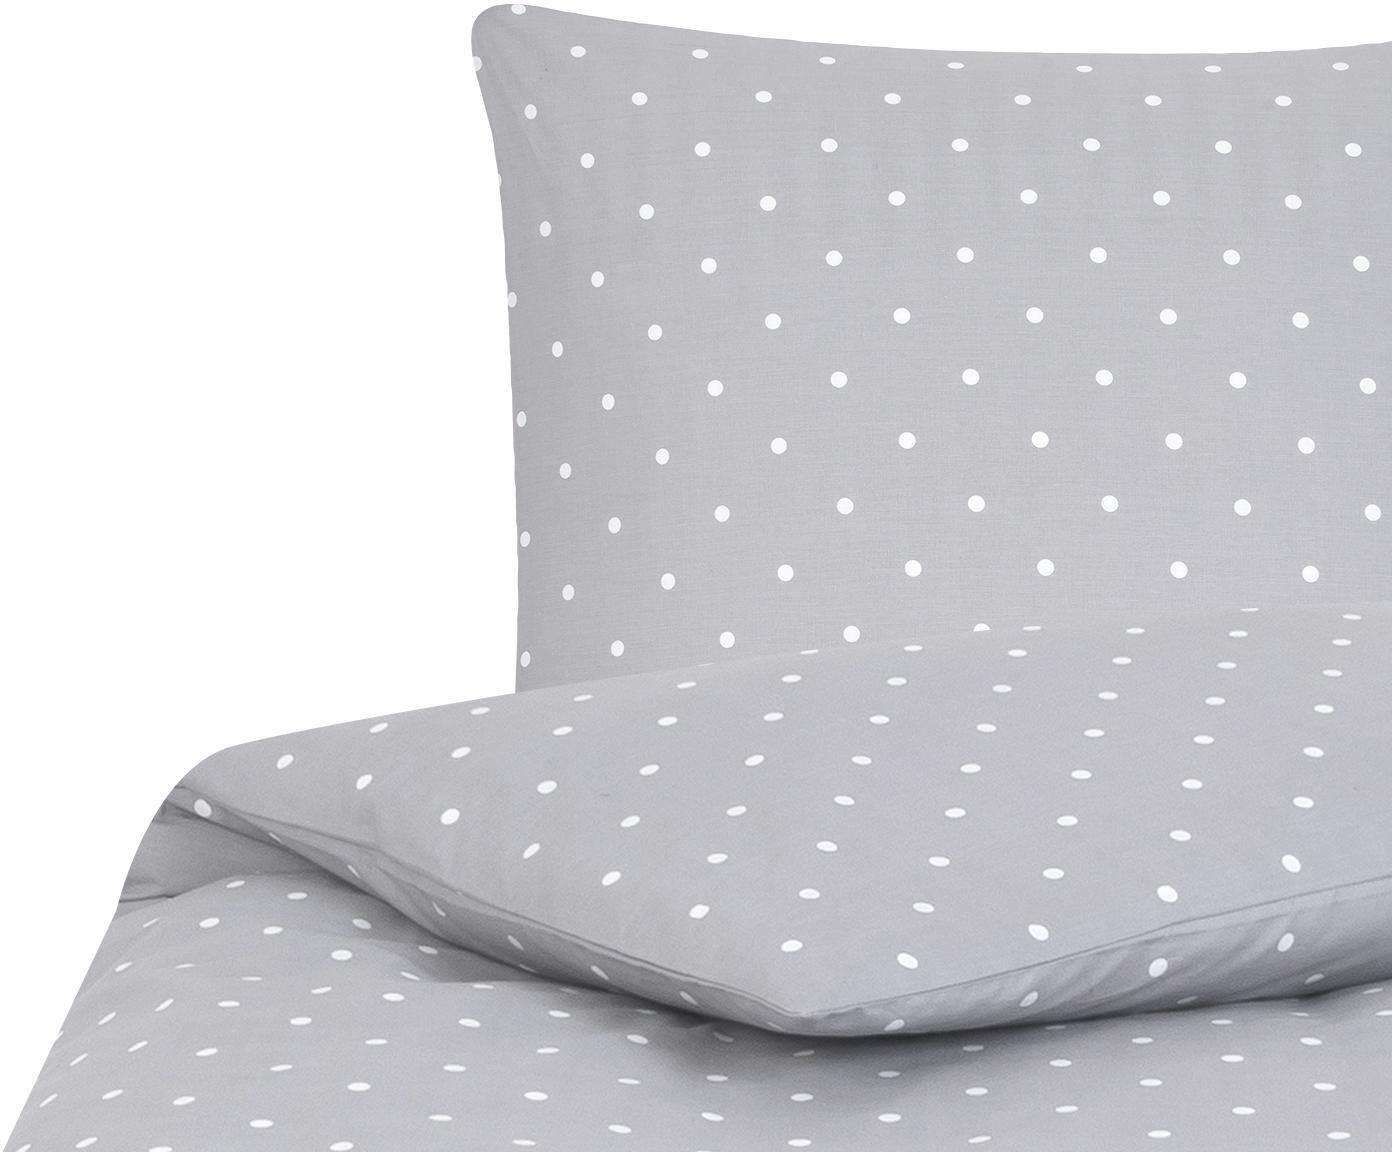 Gepunktete Baumwoll-Bettwäsche Dotty in Grau/Weiß, Webart: Renforcé Fadendichte 144 , Grau, Weiß, 135 x 200 cm + 1 Kissen 80 x 80 cm